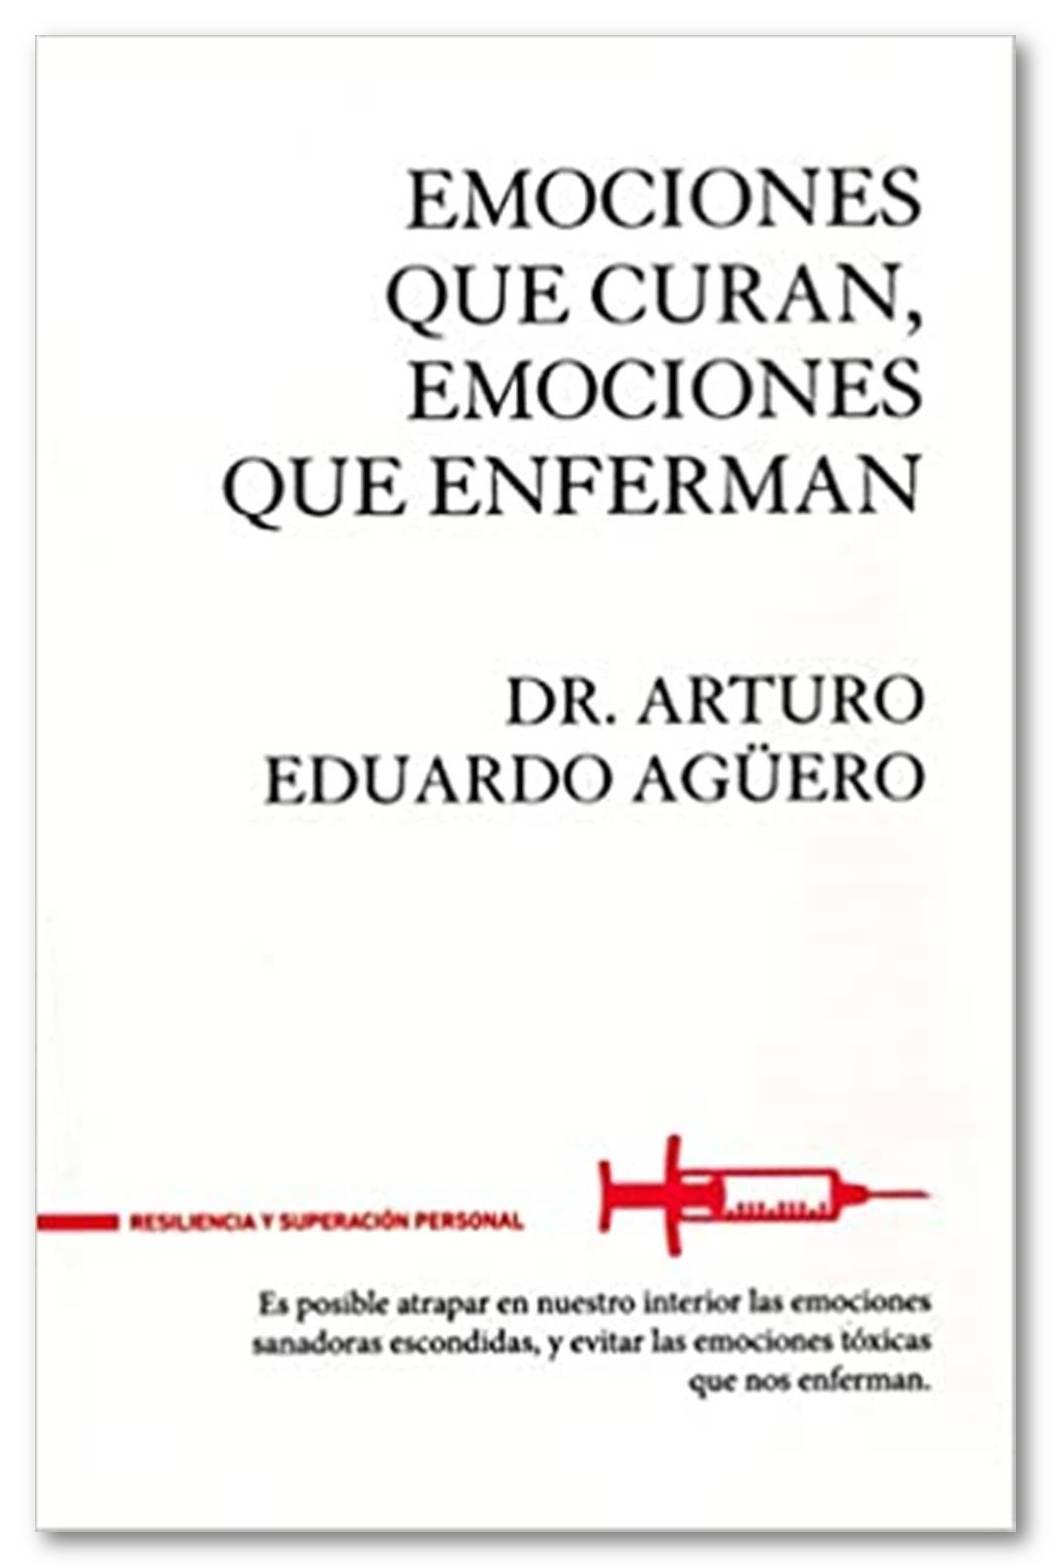 Emociones que curan, emociones que enferman, Eduardo Agüero